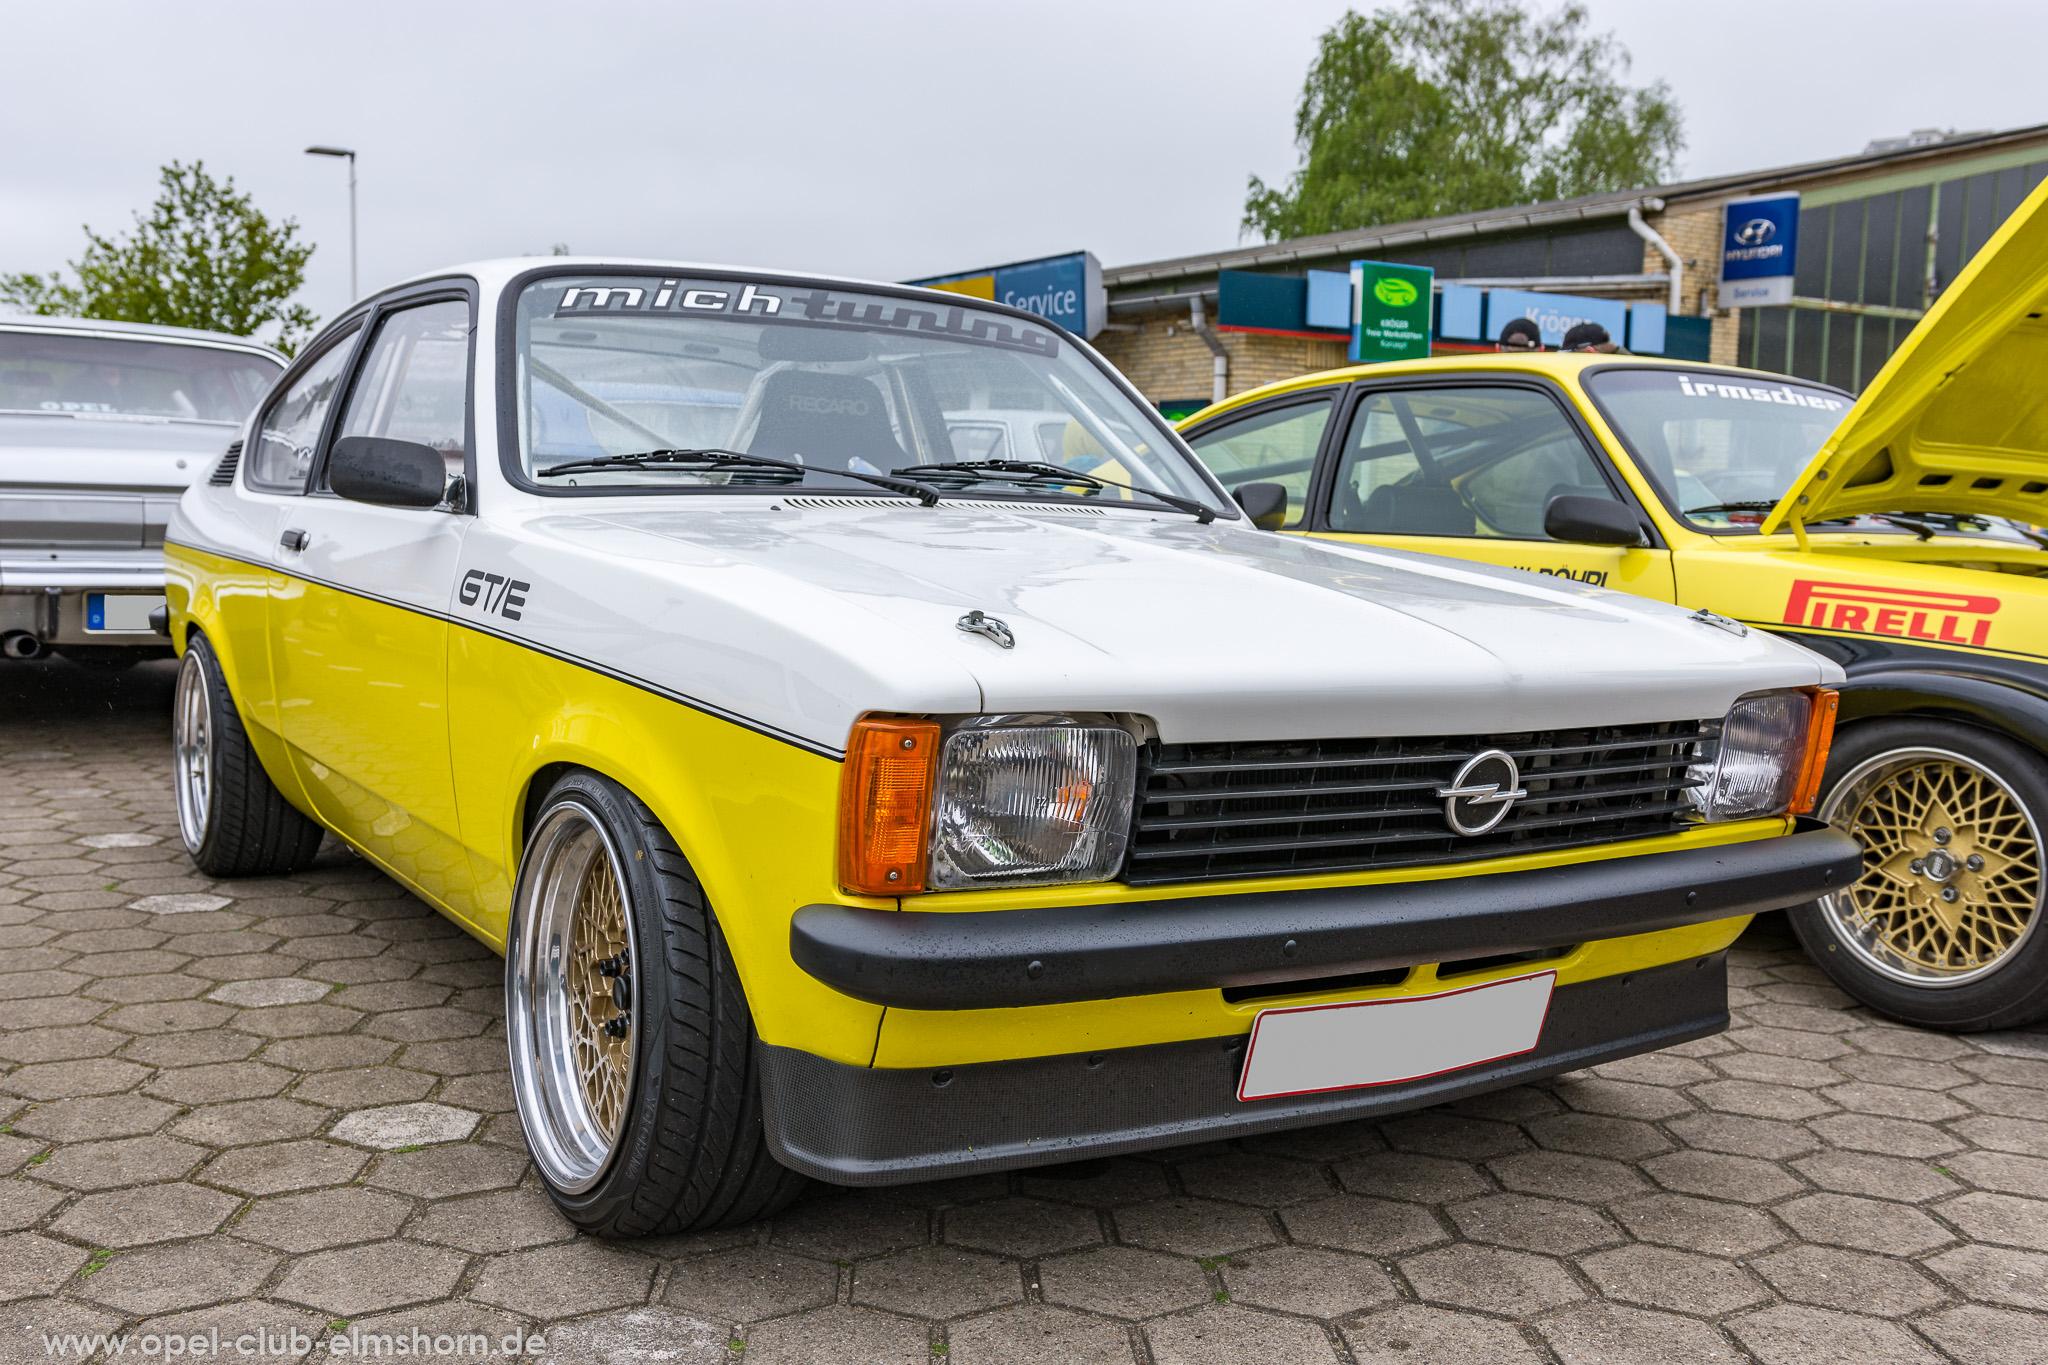 Altopeltreffen Wedel 2019 - 20190501_114117 - Opel Kadett C